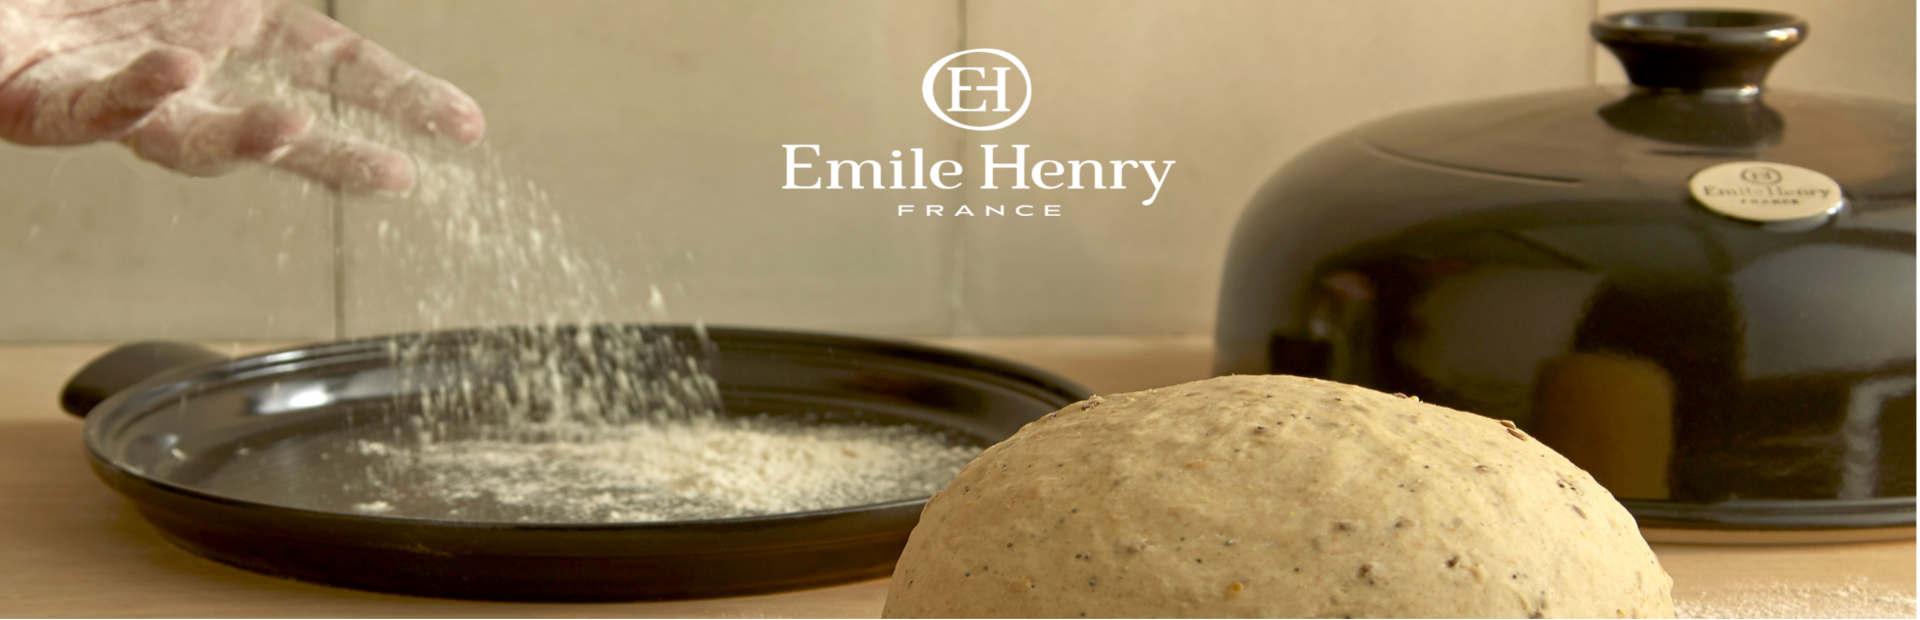 Emile Henry accessori per la cucina